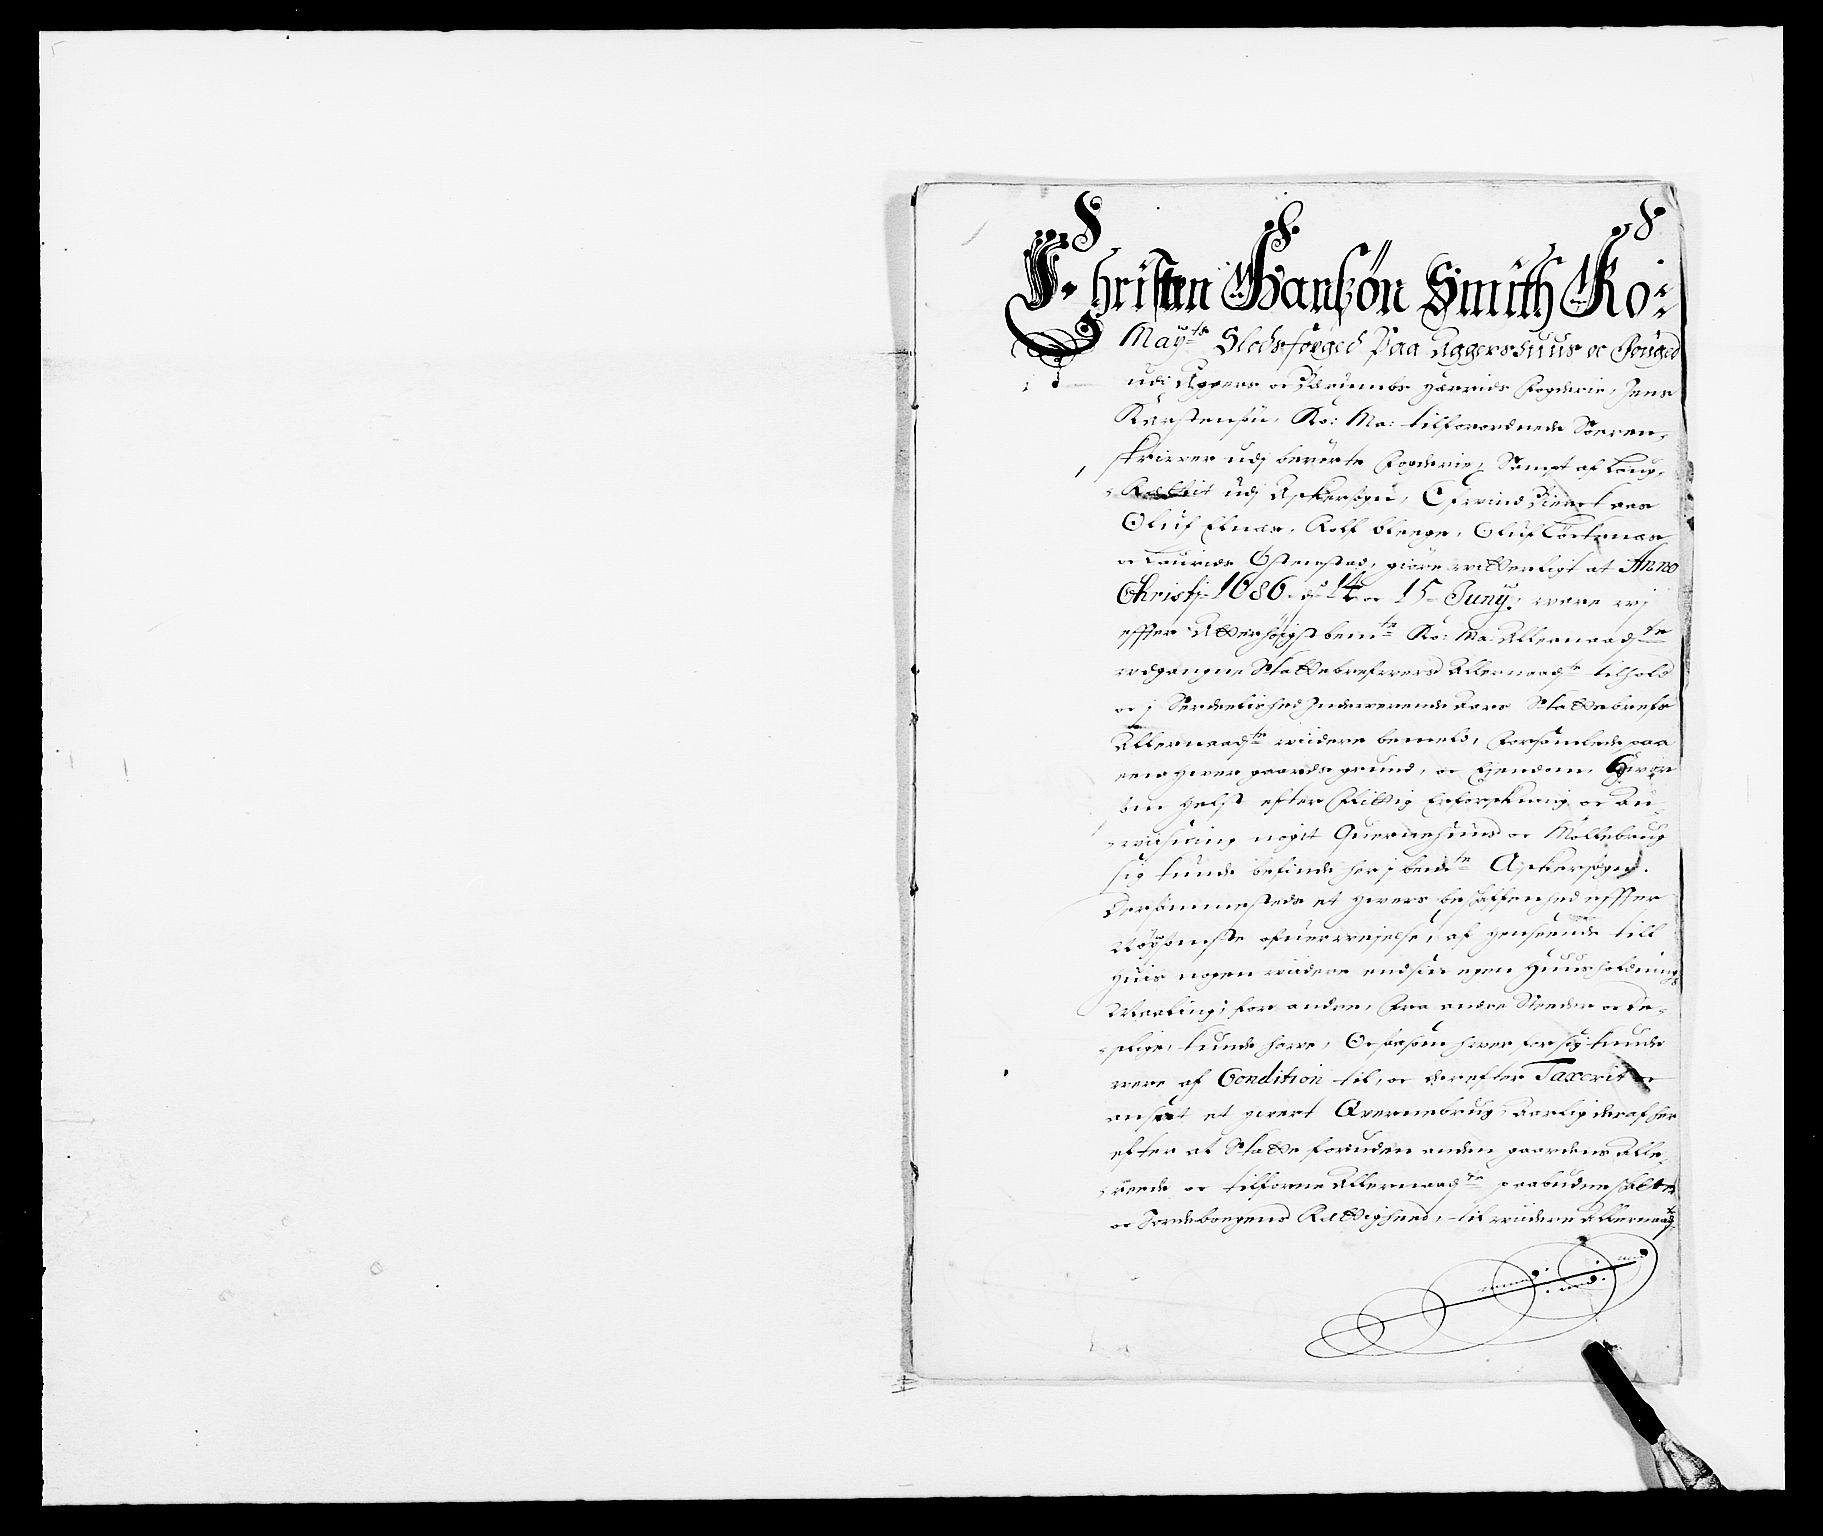 RA, Rentekammeret inntil 1814, Reviderte regnskaper, Fogderegnskap, R08/L0422: Fogderegnskap Aker, 1684-1686, s. 21